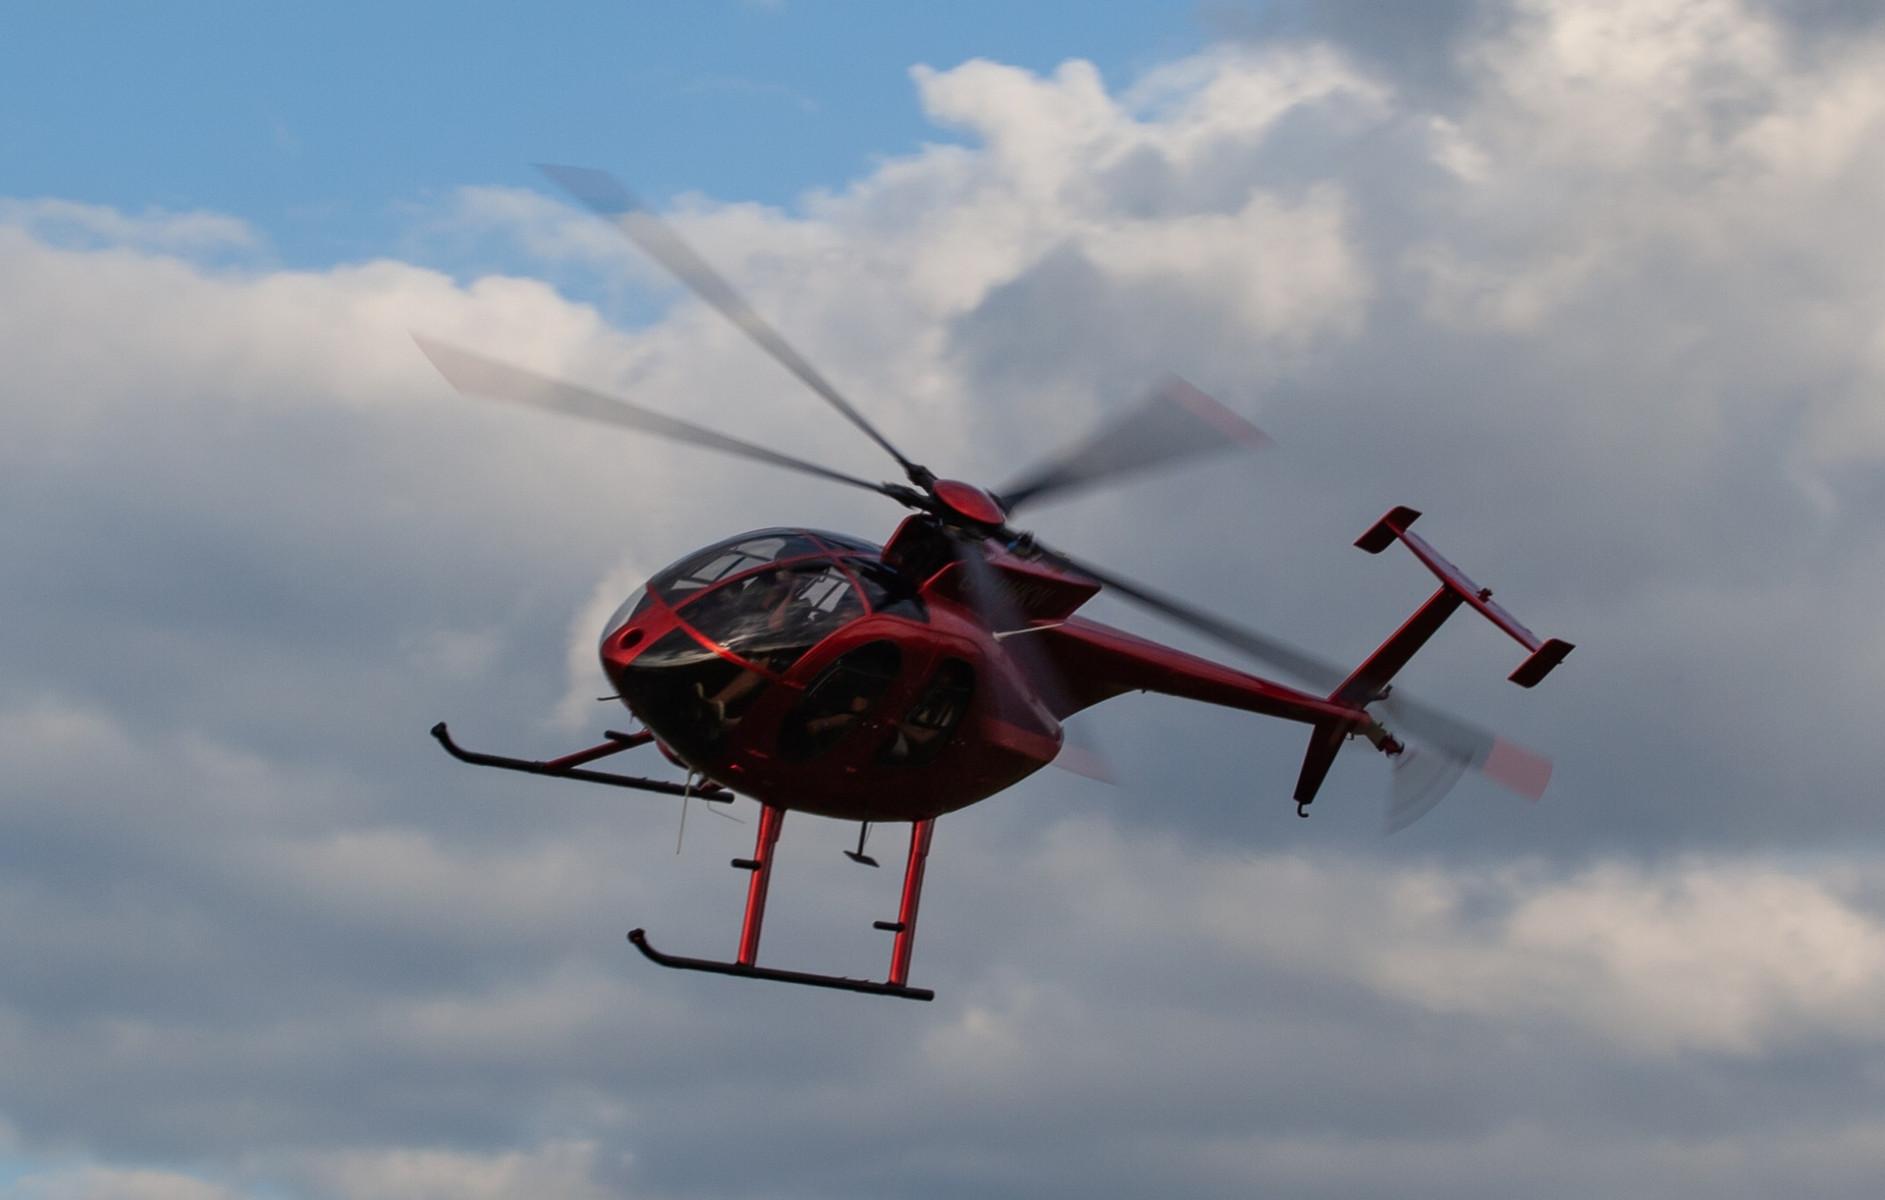 Volo in elicottero sui cieli di Modena